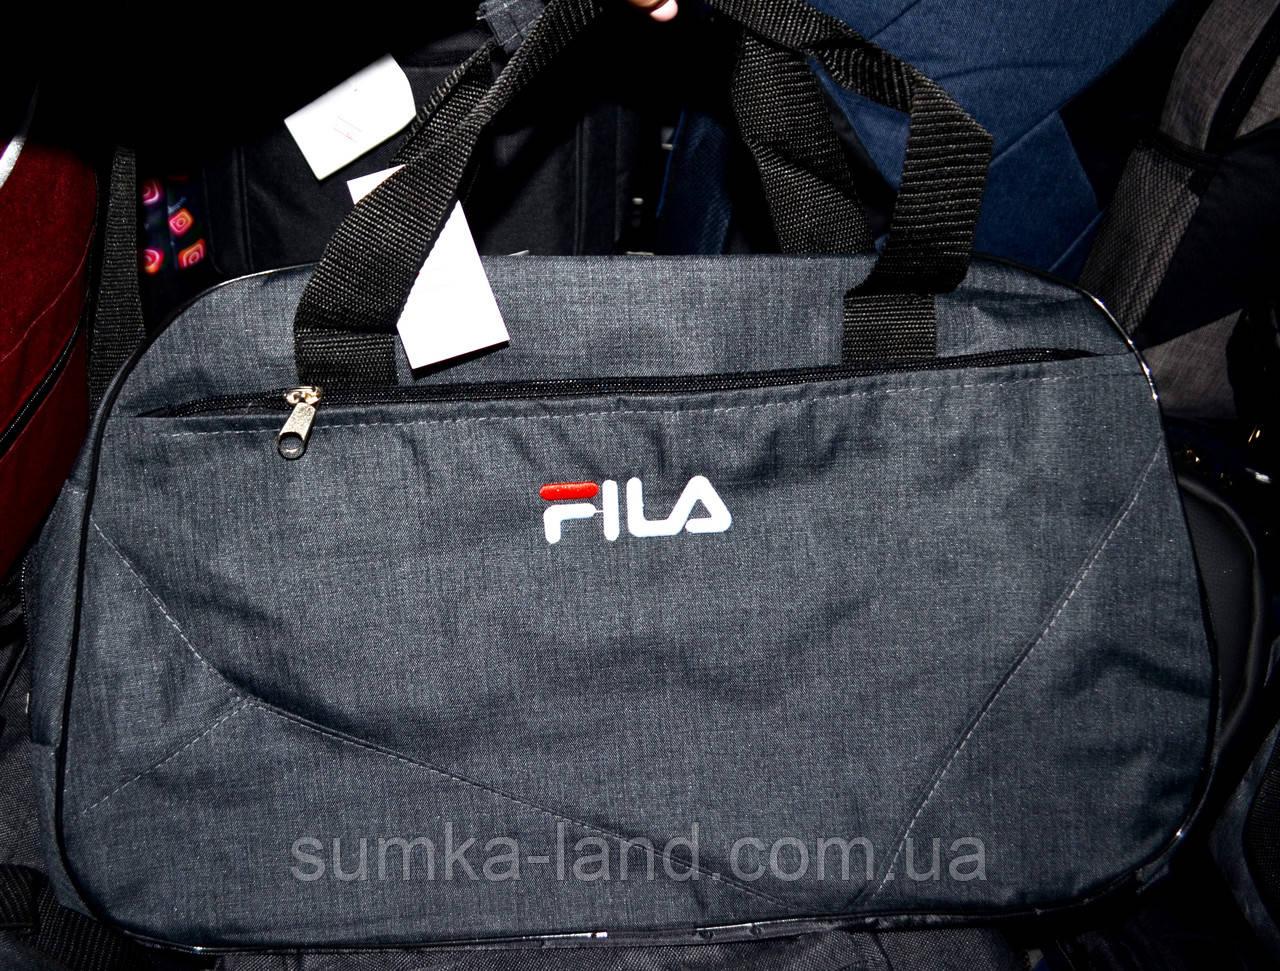 Спортивная дорожная малая темно-серая сумка 50*32 см, разные накатки